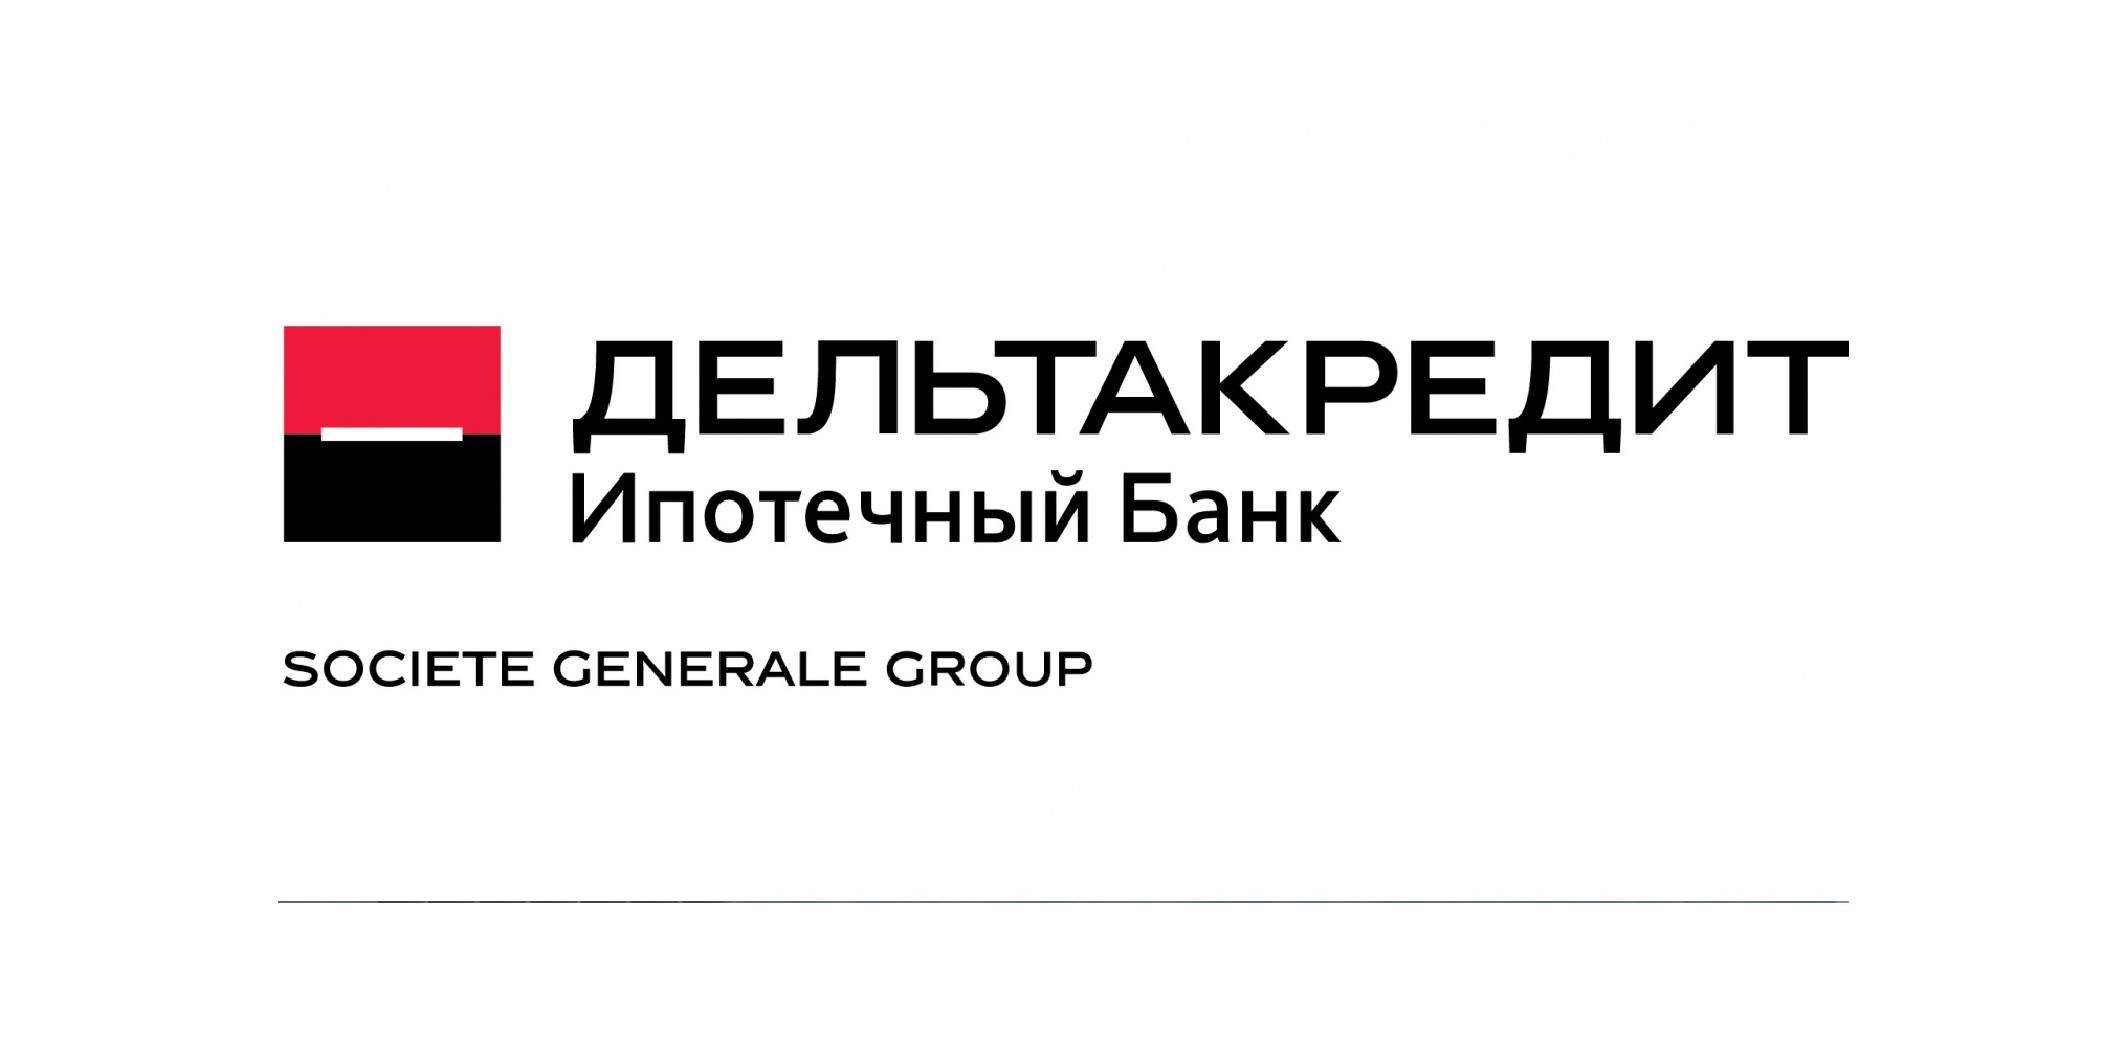 Официальный партнер Дельта Кредит